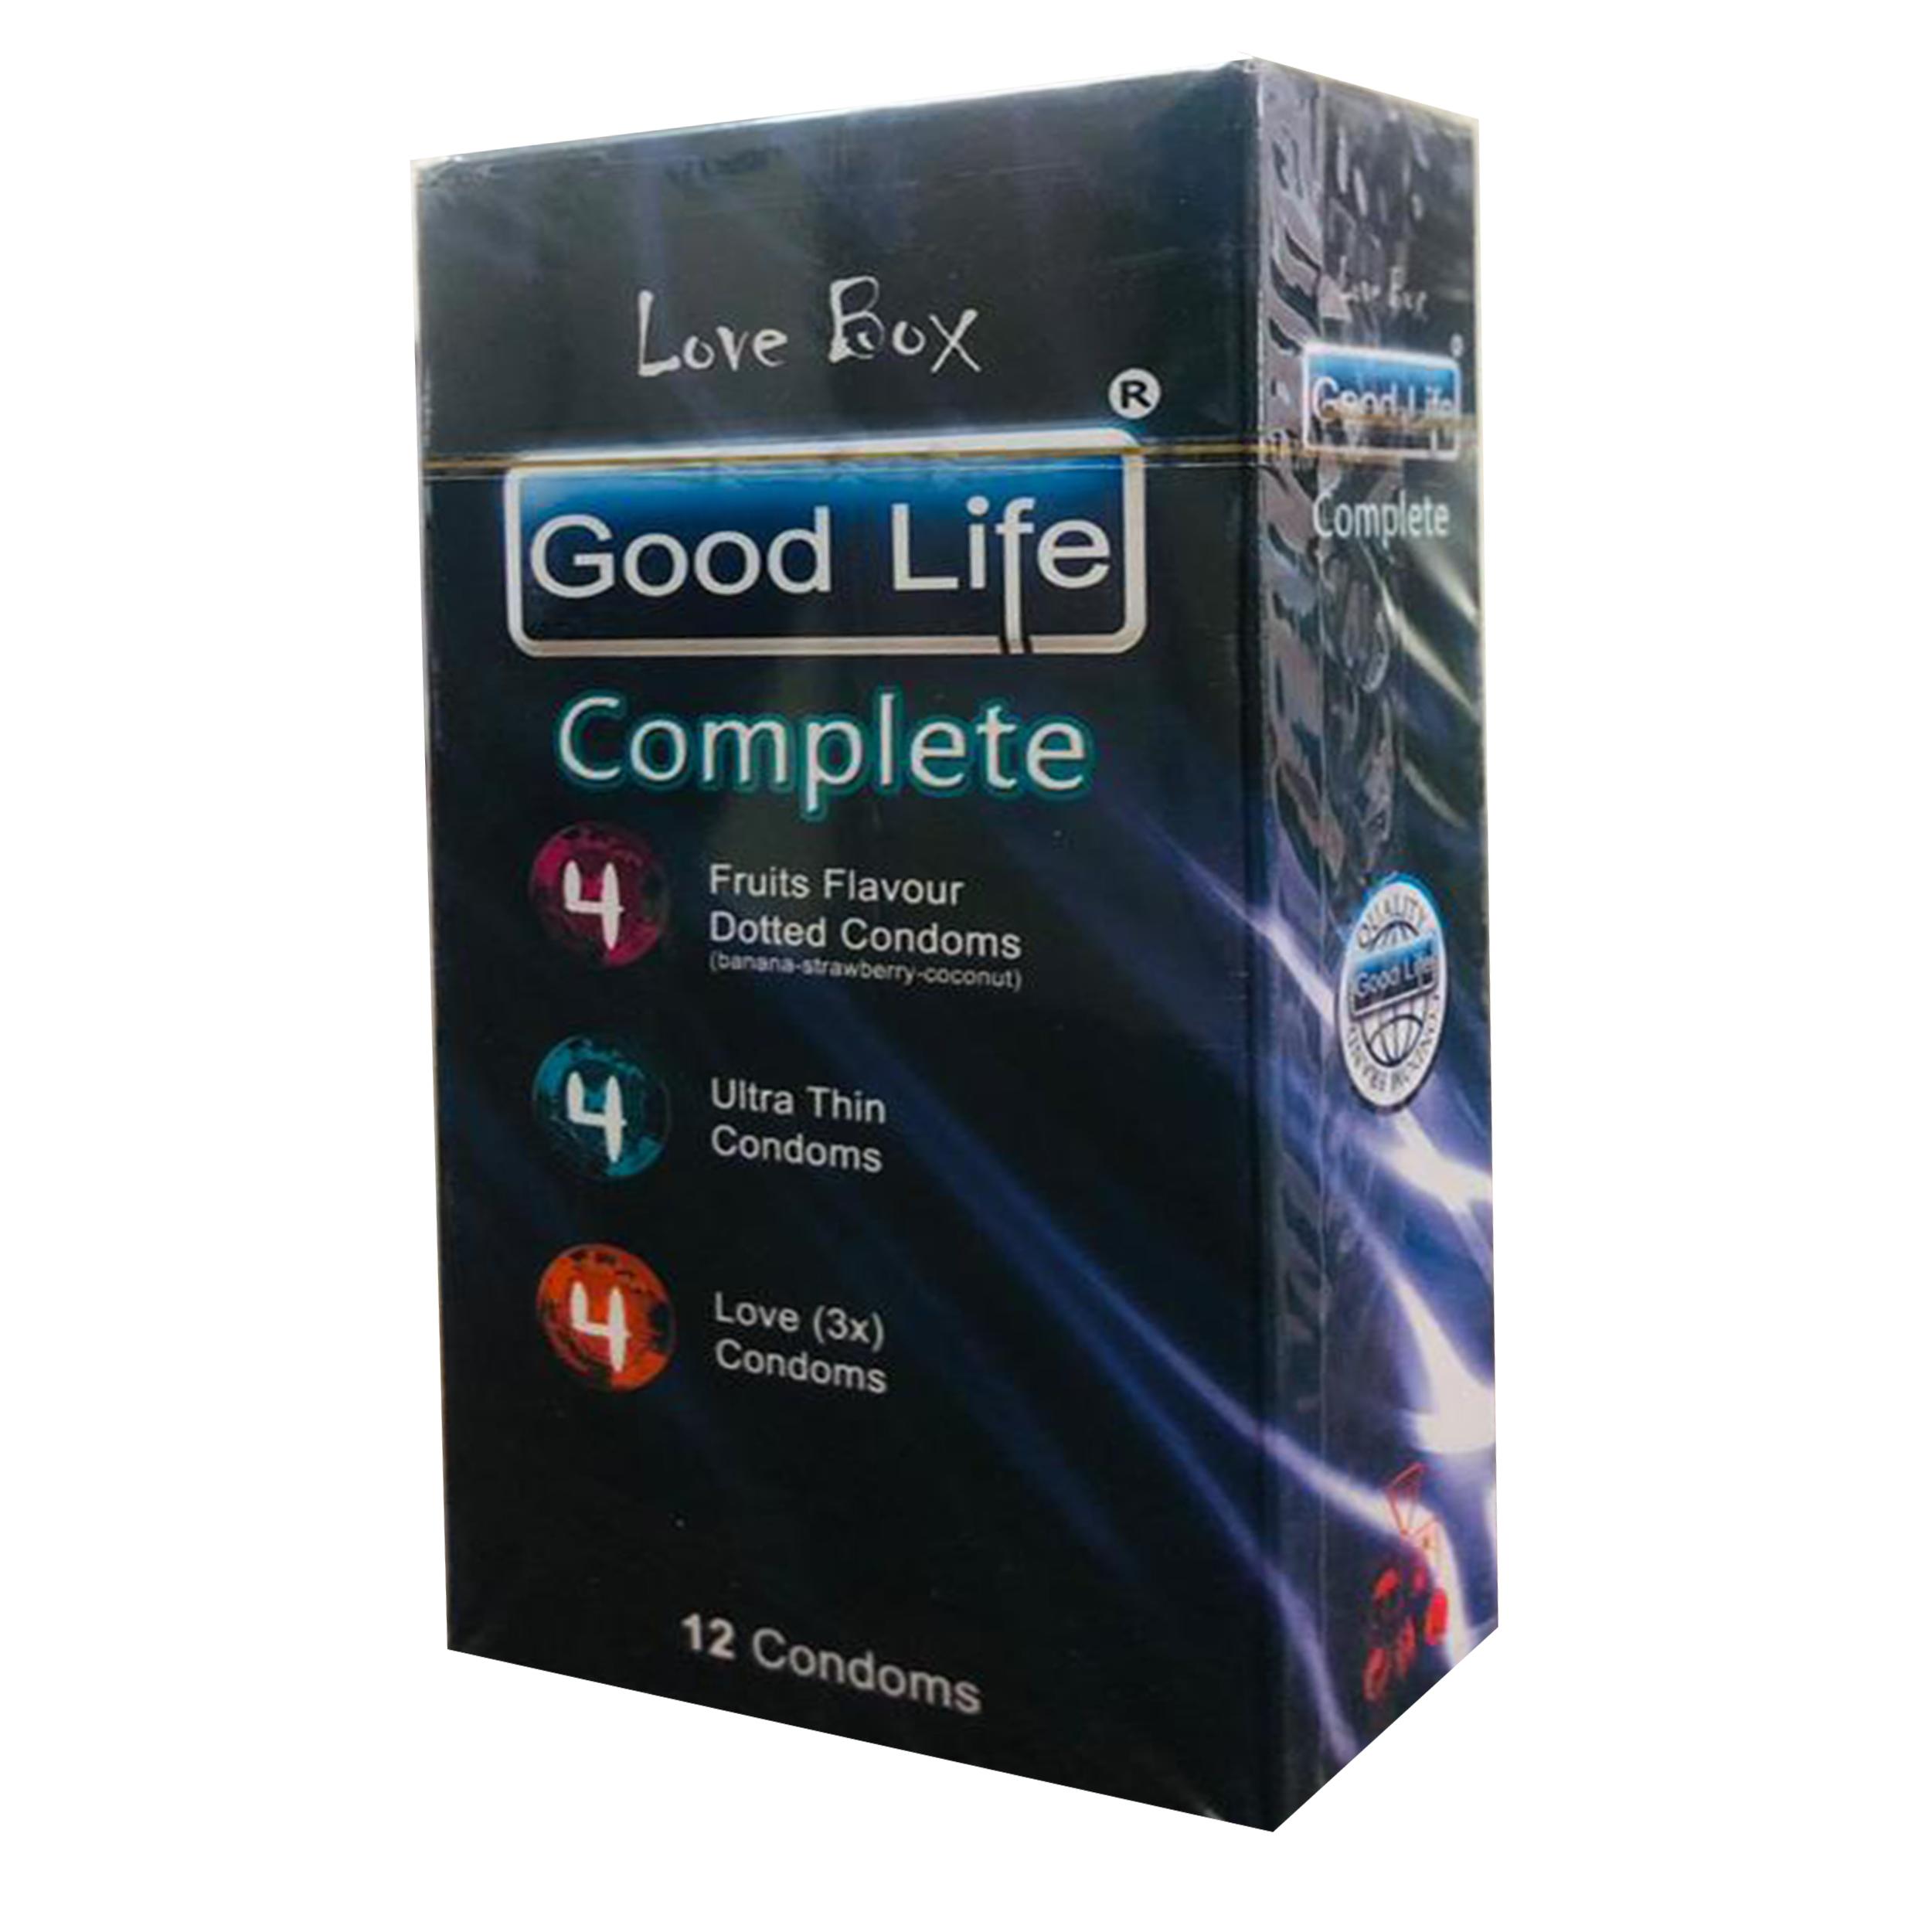 کاندوم گودلایف مدل COMPLETE کد GO06 بسته 12 عددی